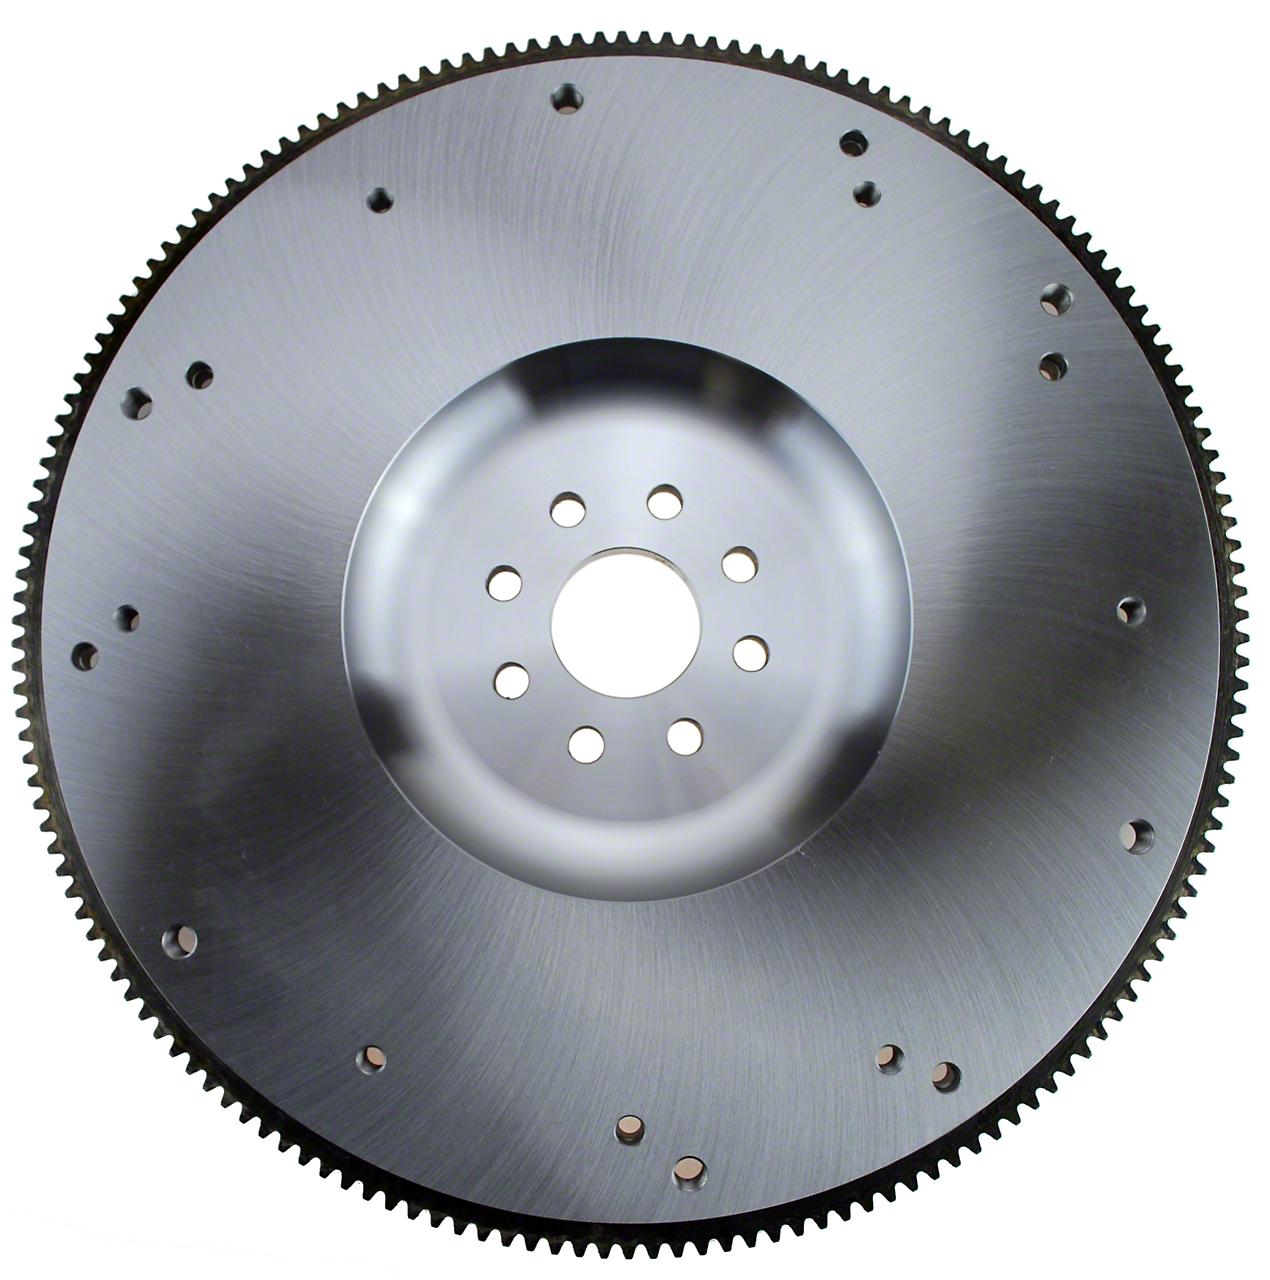 RAM Light Weight Billet Steel Flywheel - 8 Bolt (99-Mid 01 GT, 11-17 GT; 96-04 Cobra, Mach 1; 11-14 V6)